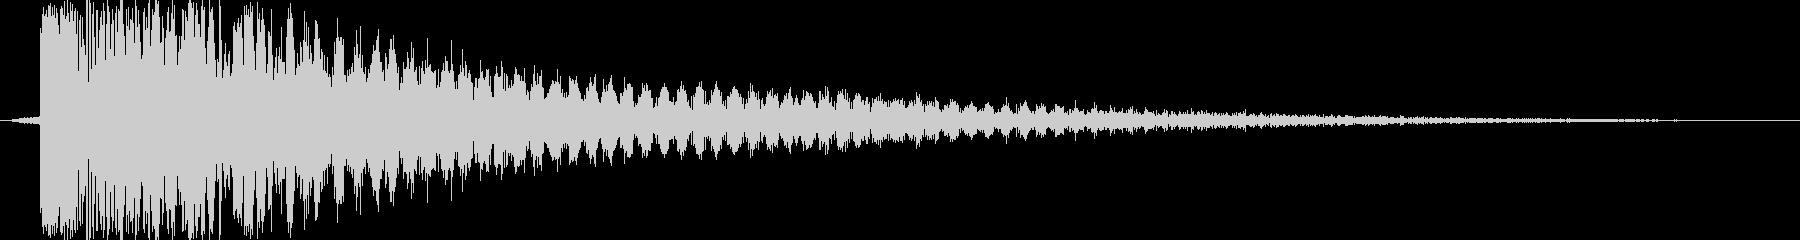 ギュイーン(決定音)の未再生の波形